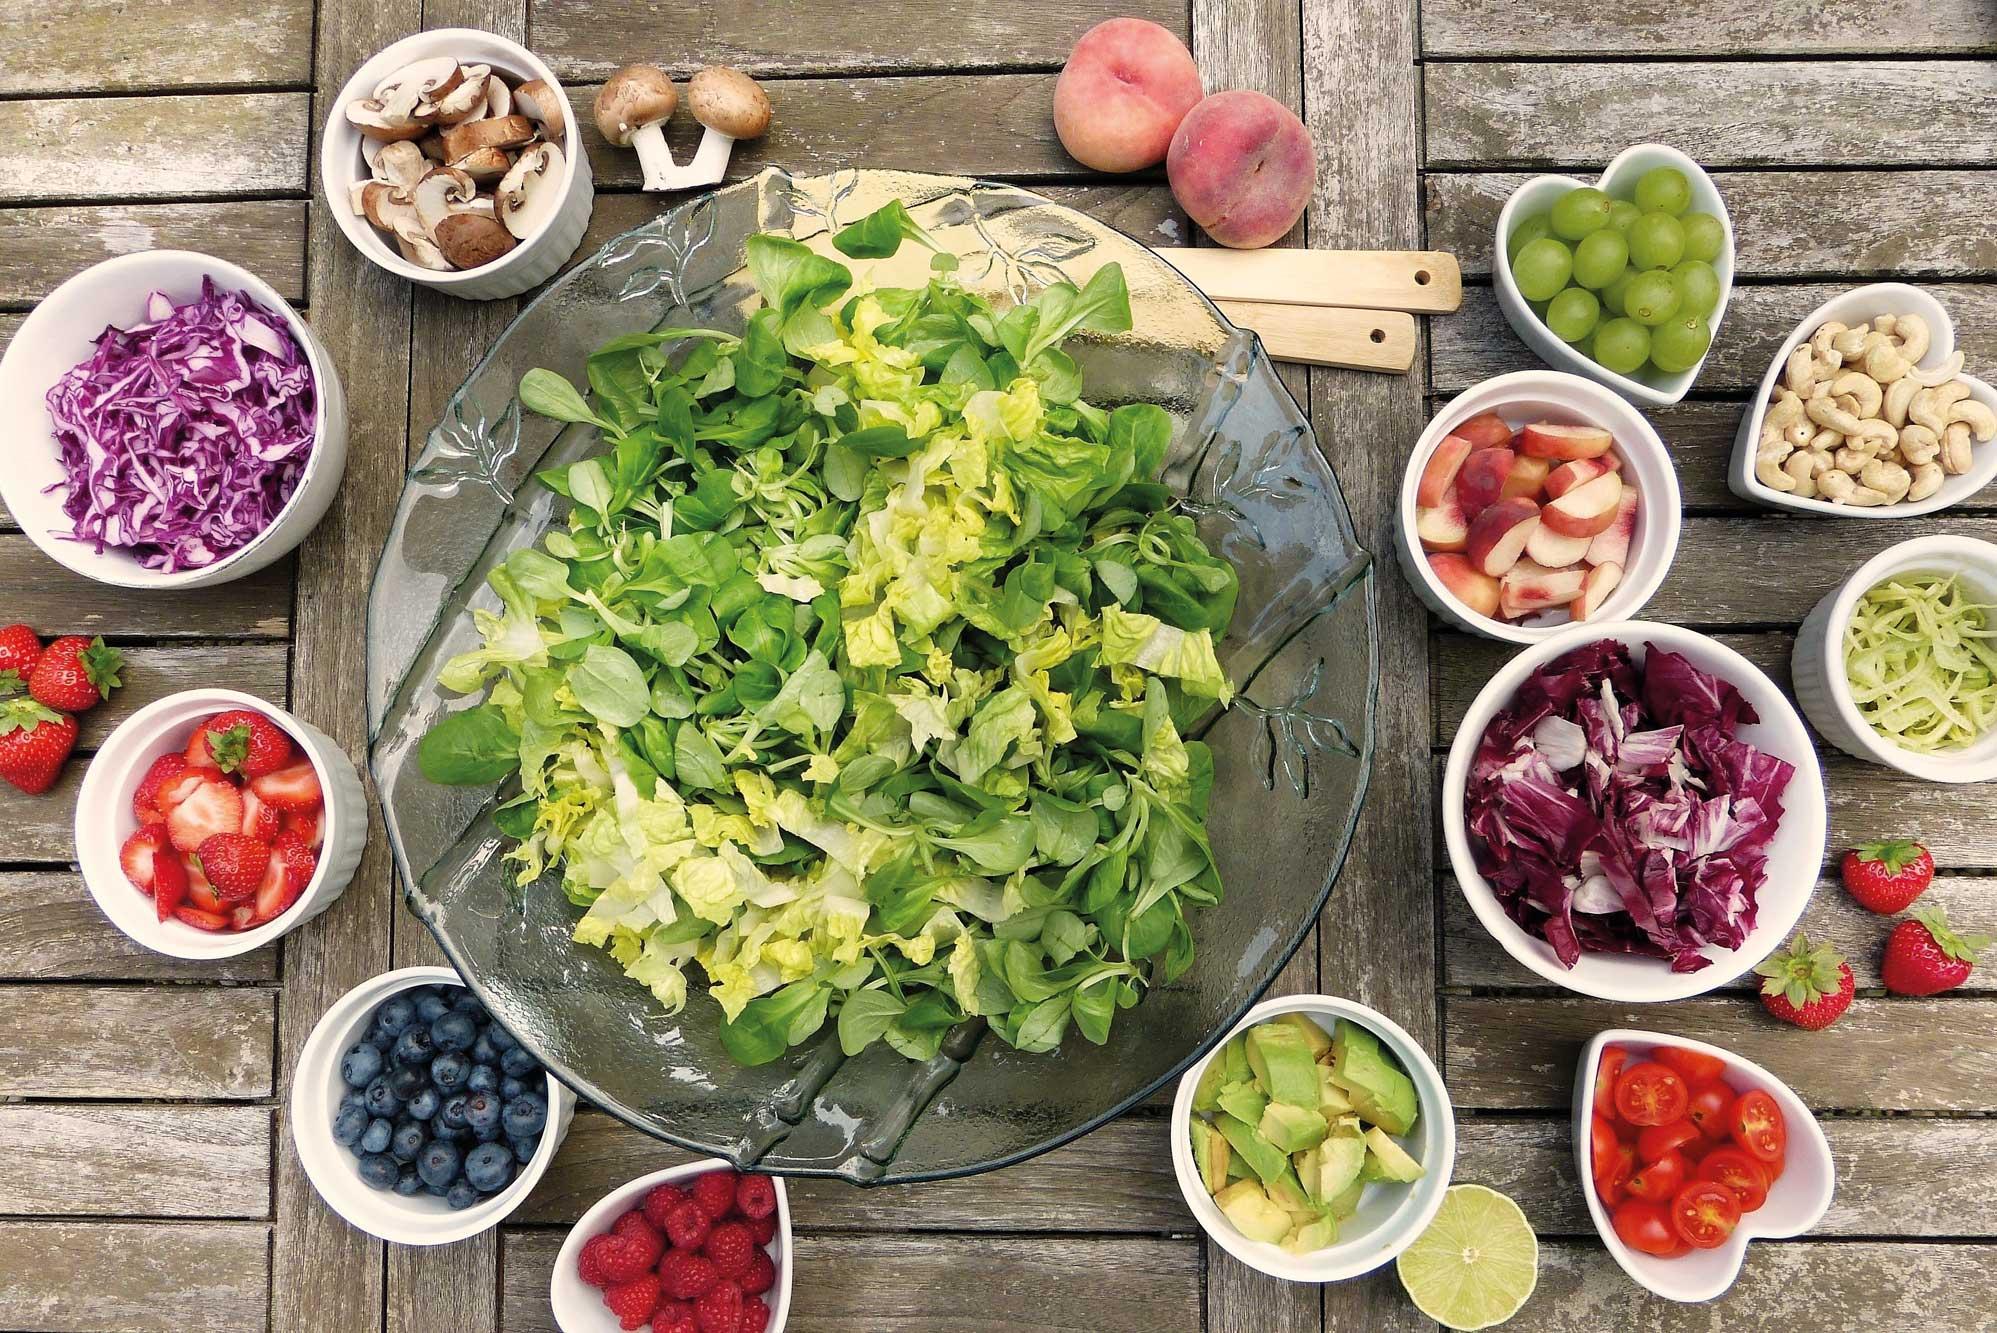 Körperliche und geistig-seelische Komponenten für ein gesundes Leben